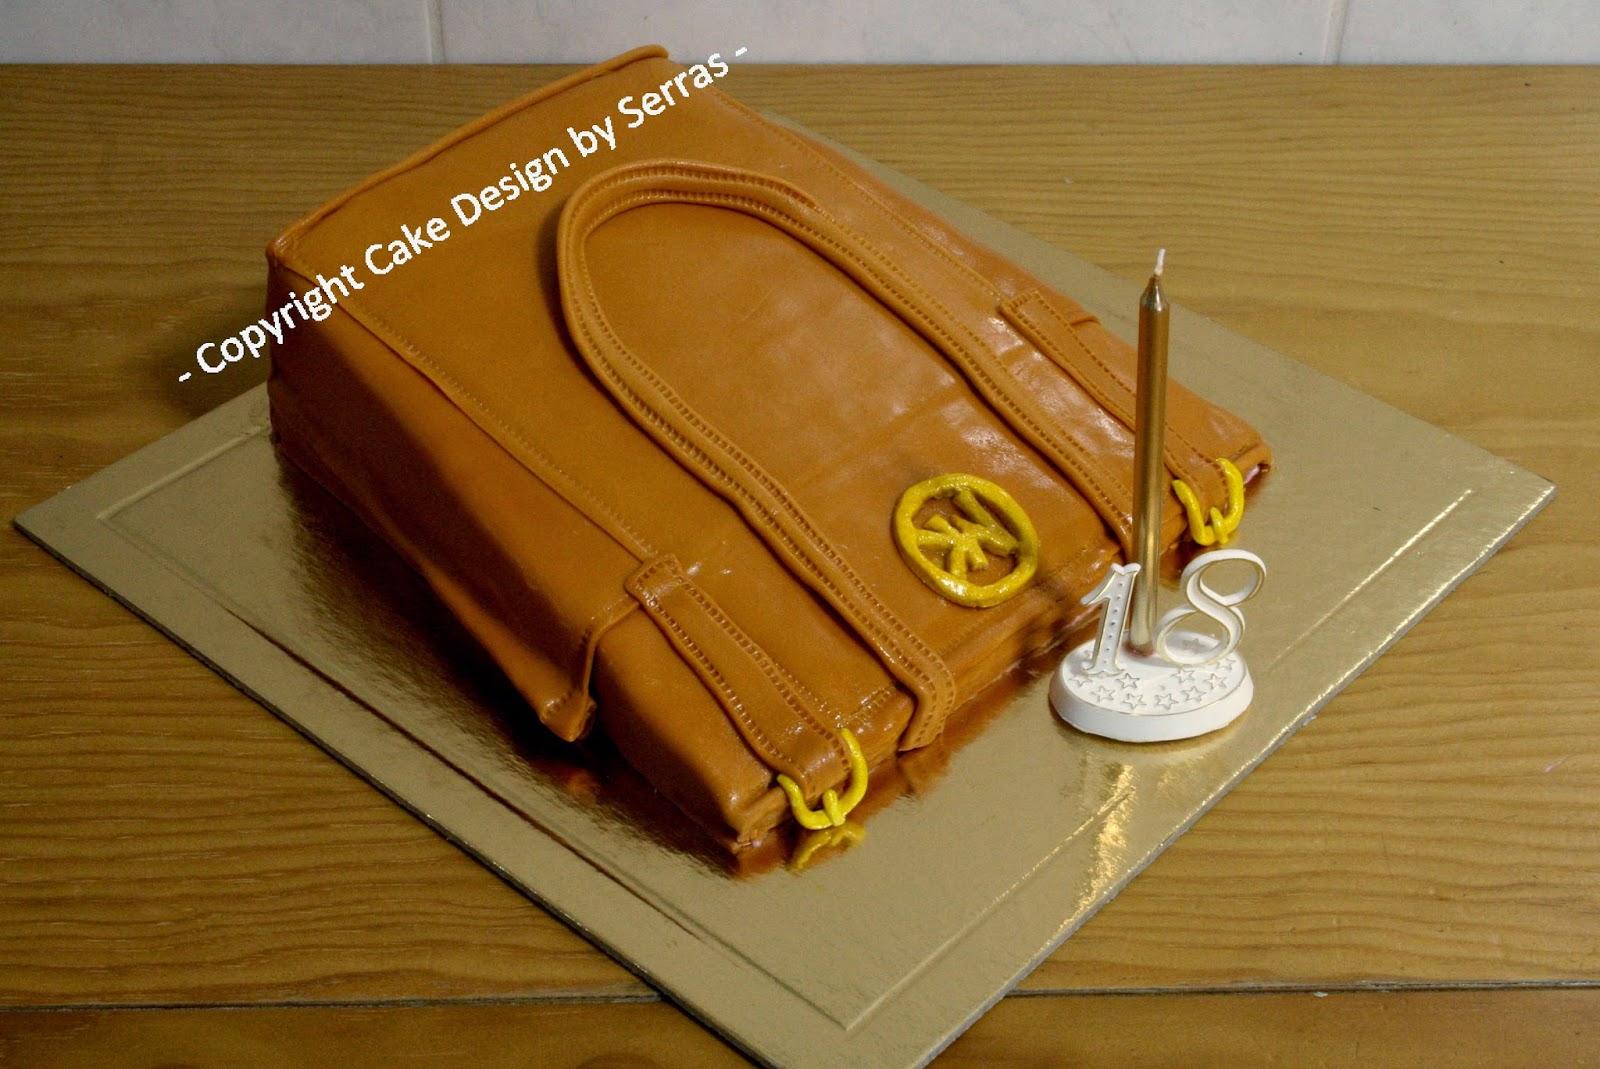 4ca436a1e Cake Design by Serras: Bolo de Aniversário - Michael Kors Handbag